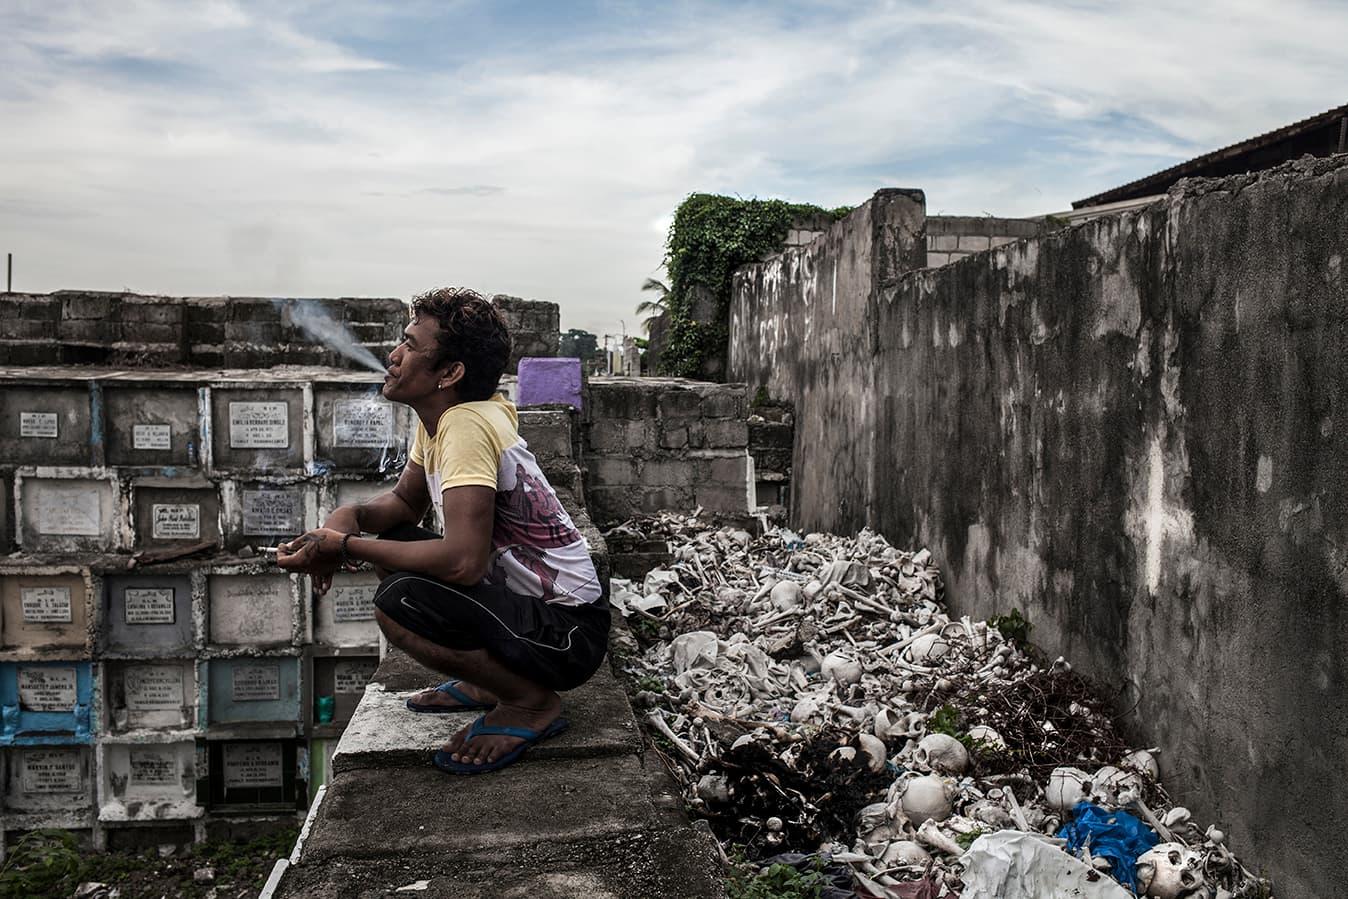 comunidades cementerios filipinas limbus (6)